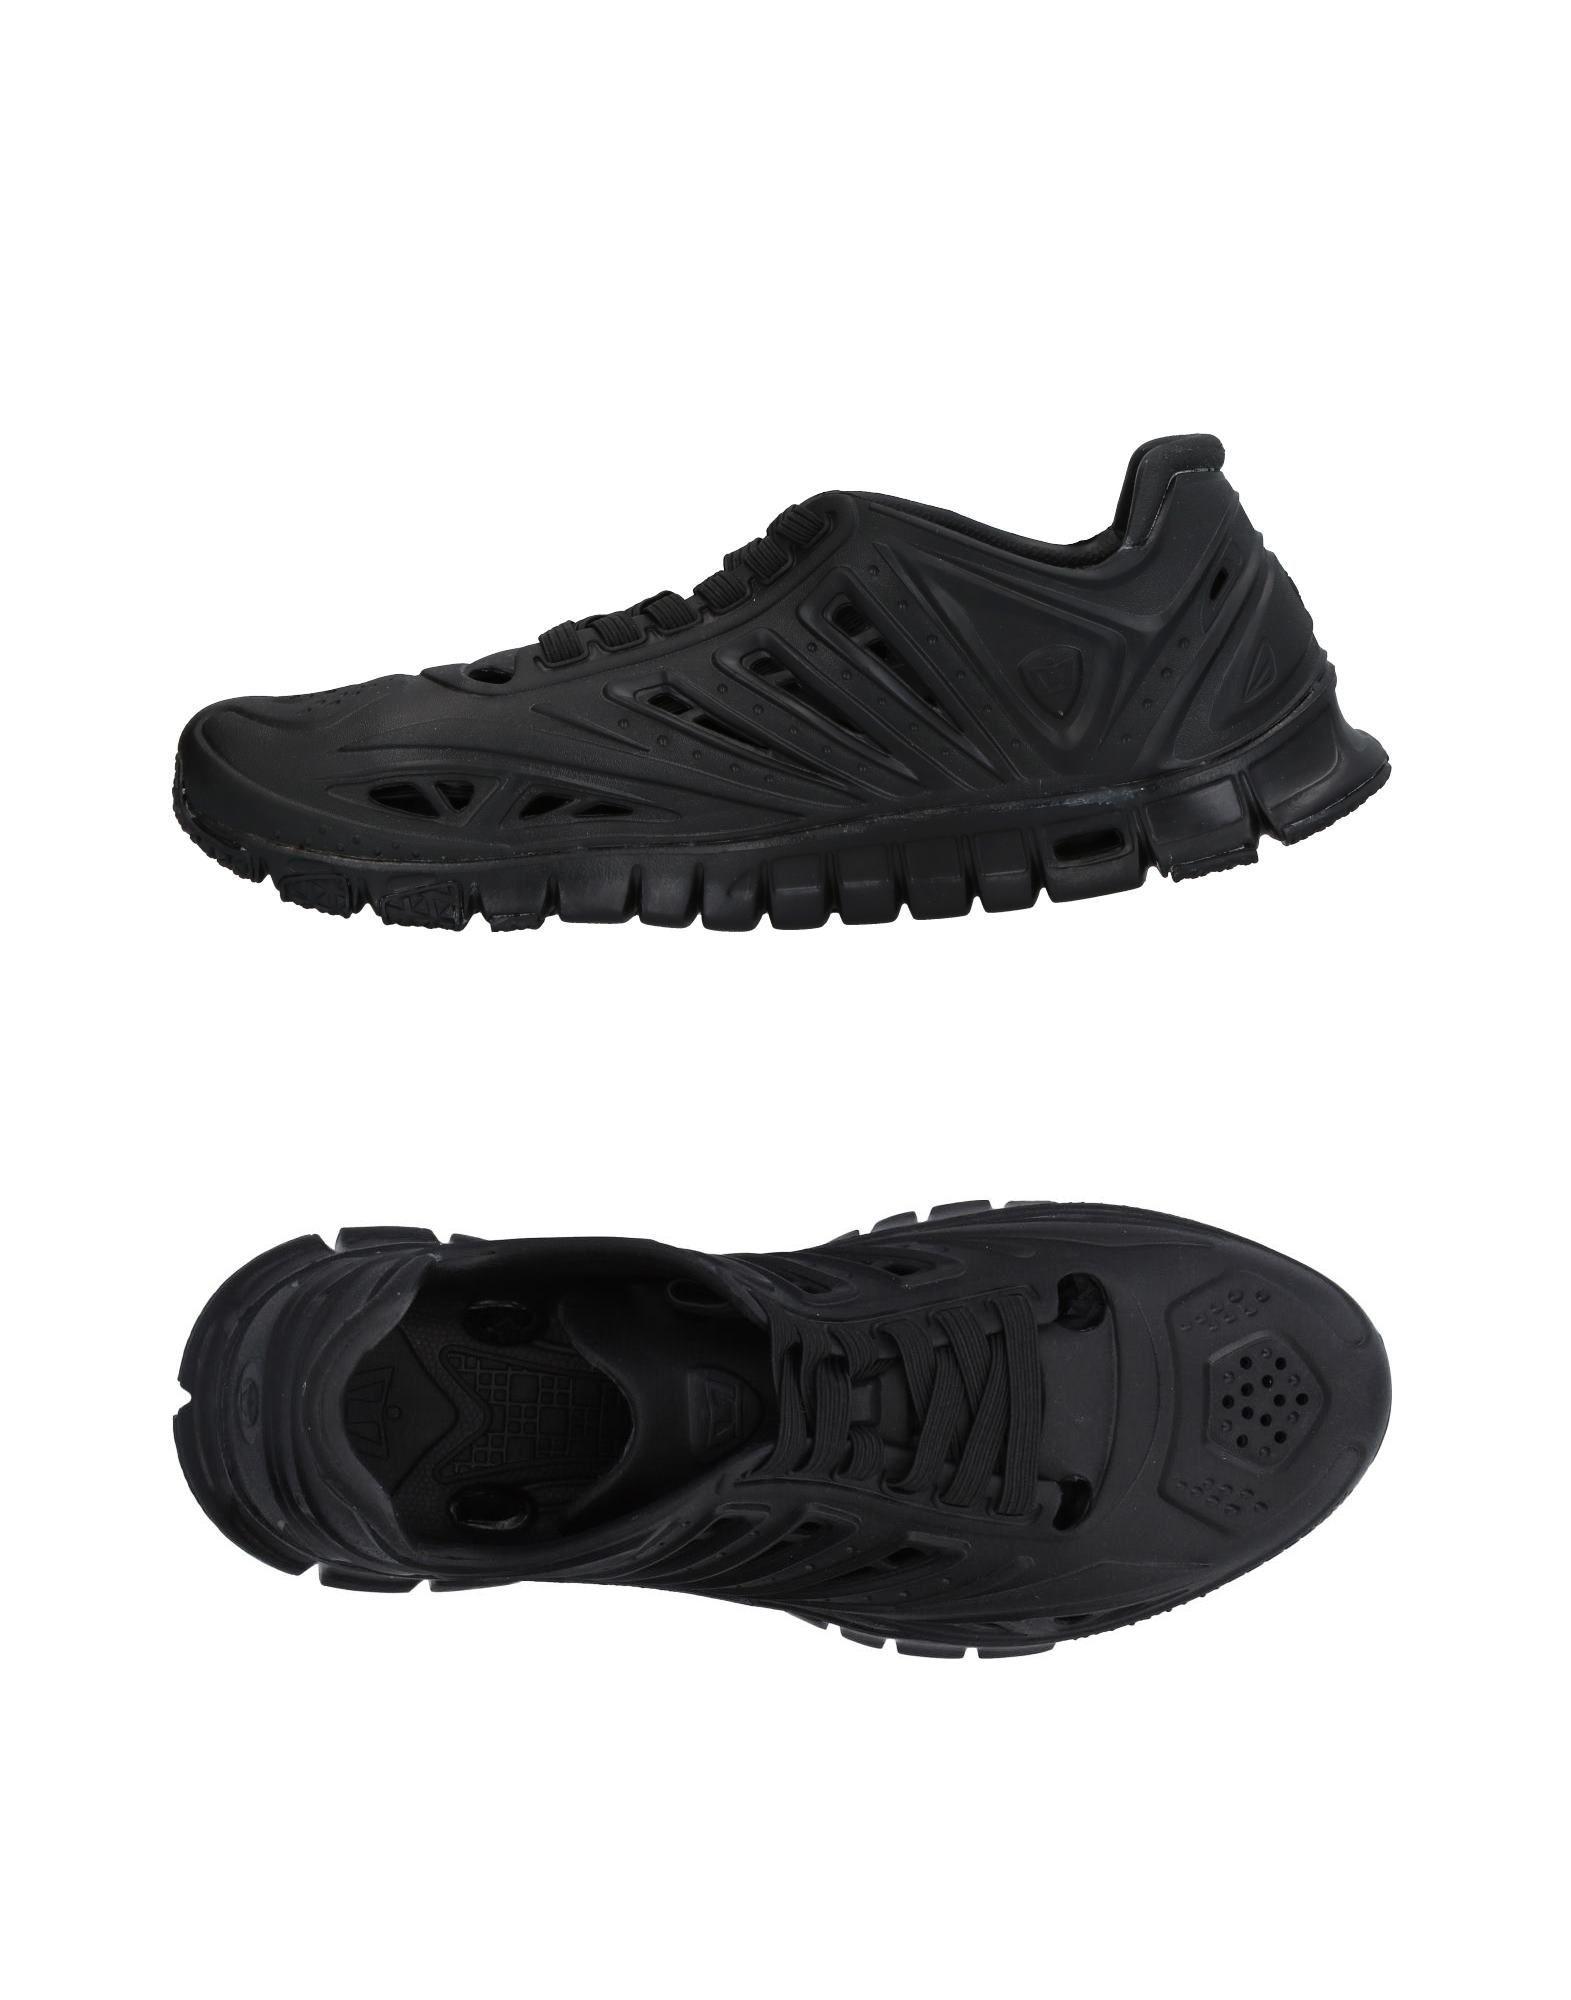 Rabatt echte Sneakers Schuhe Crosskix Sneakers echte Herren  11356616GA e4e175